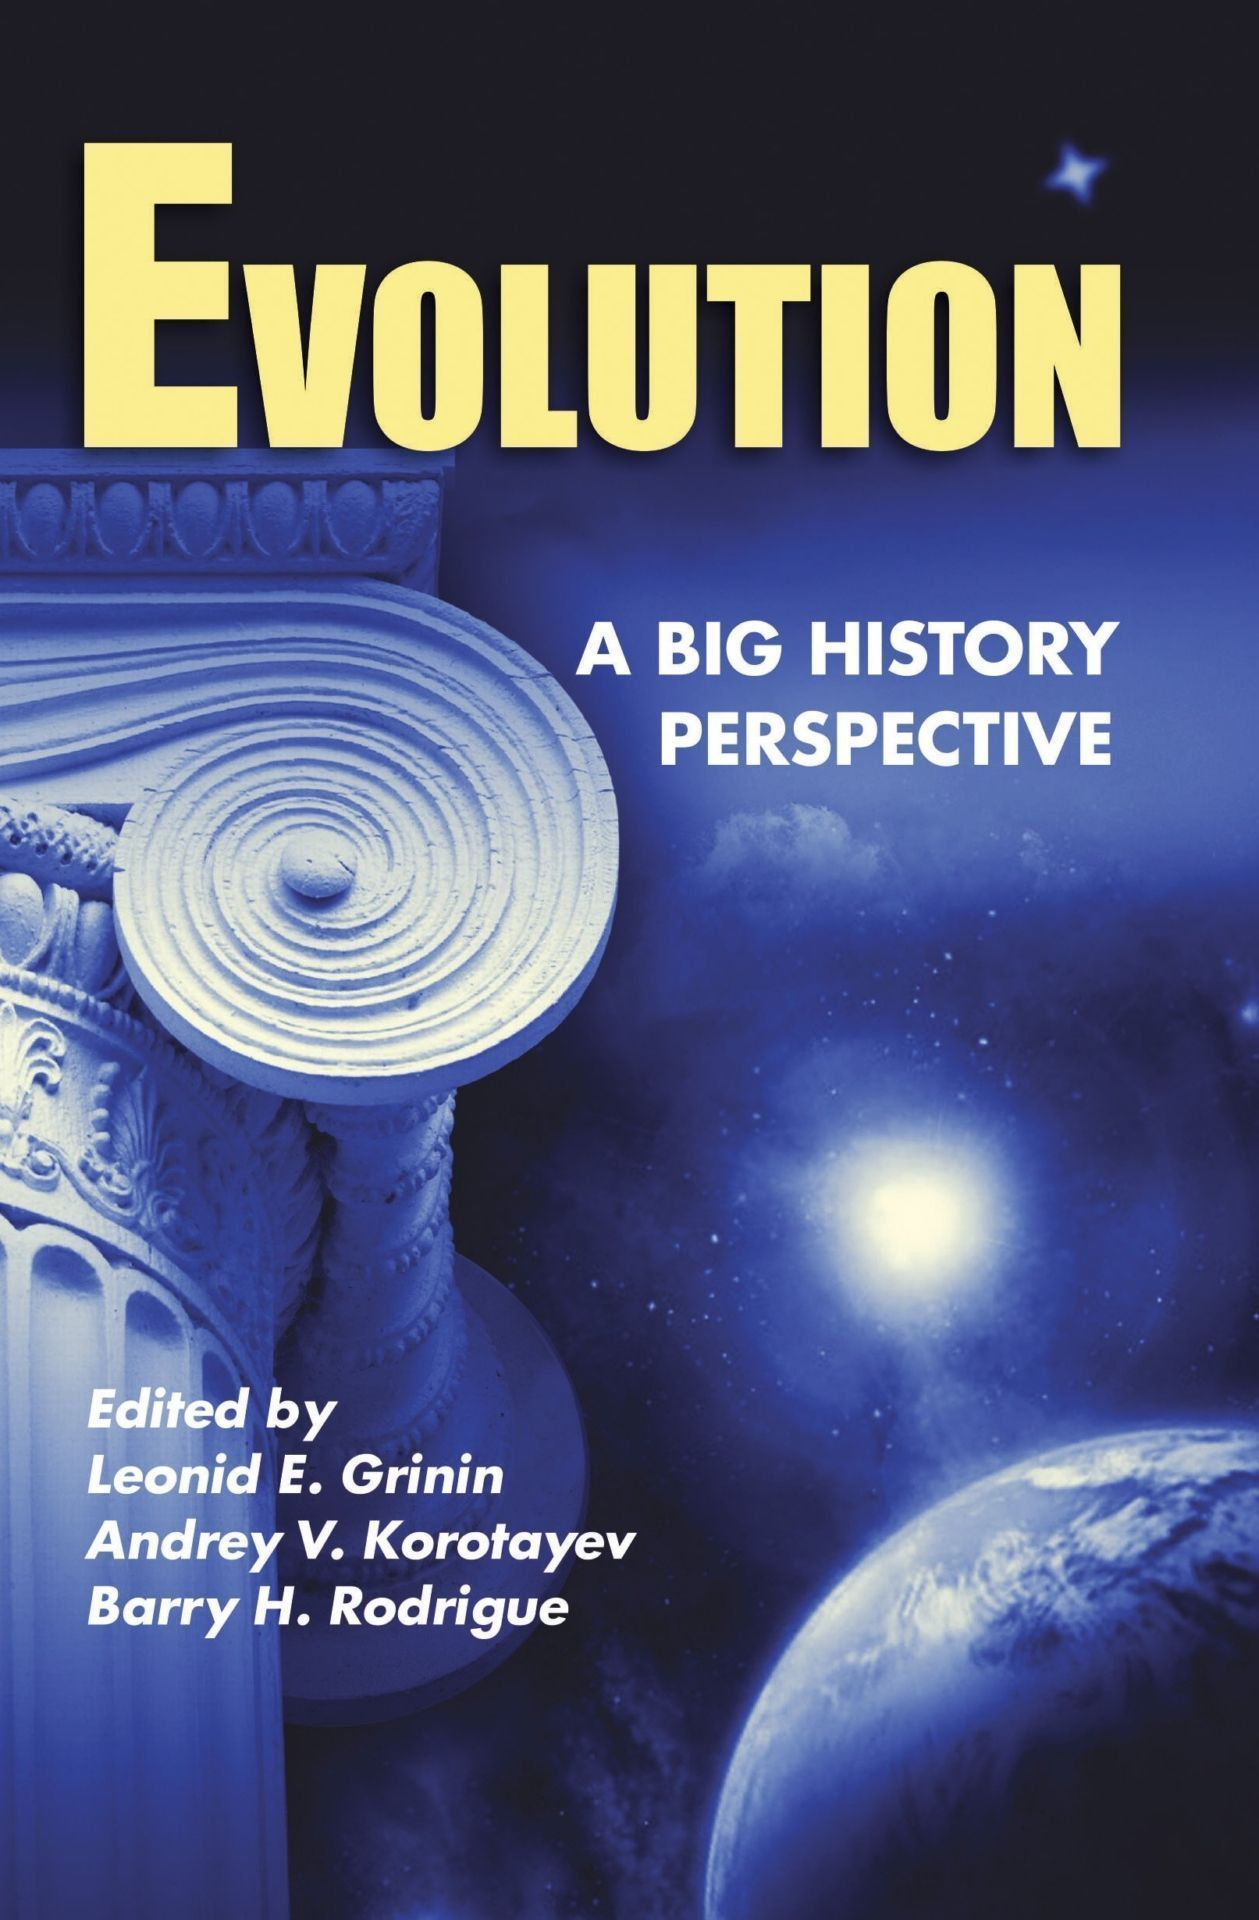 Evolution: A Big History Perspective (Эволюция: Универсальная история. Альманах на английском языке)